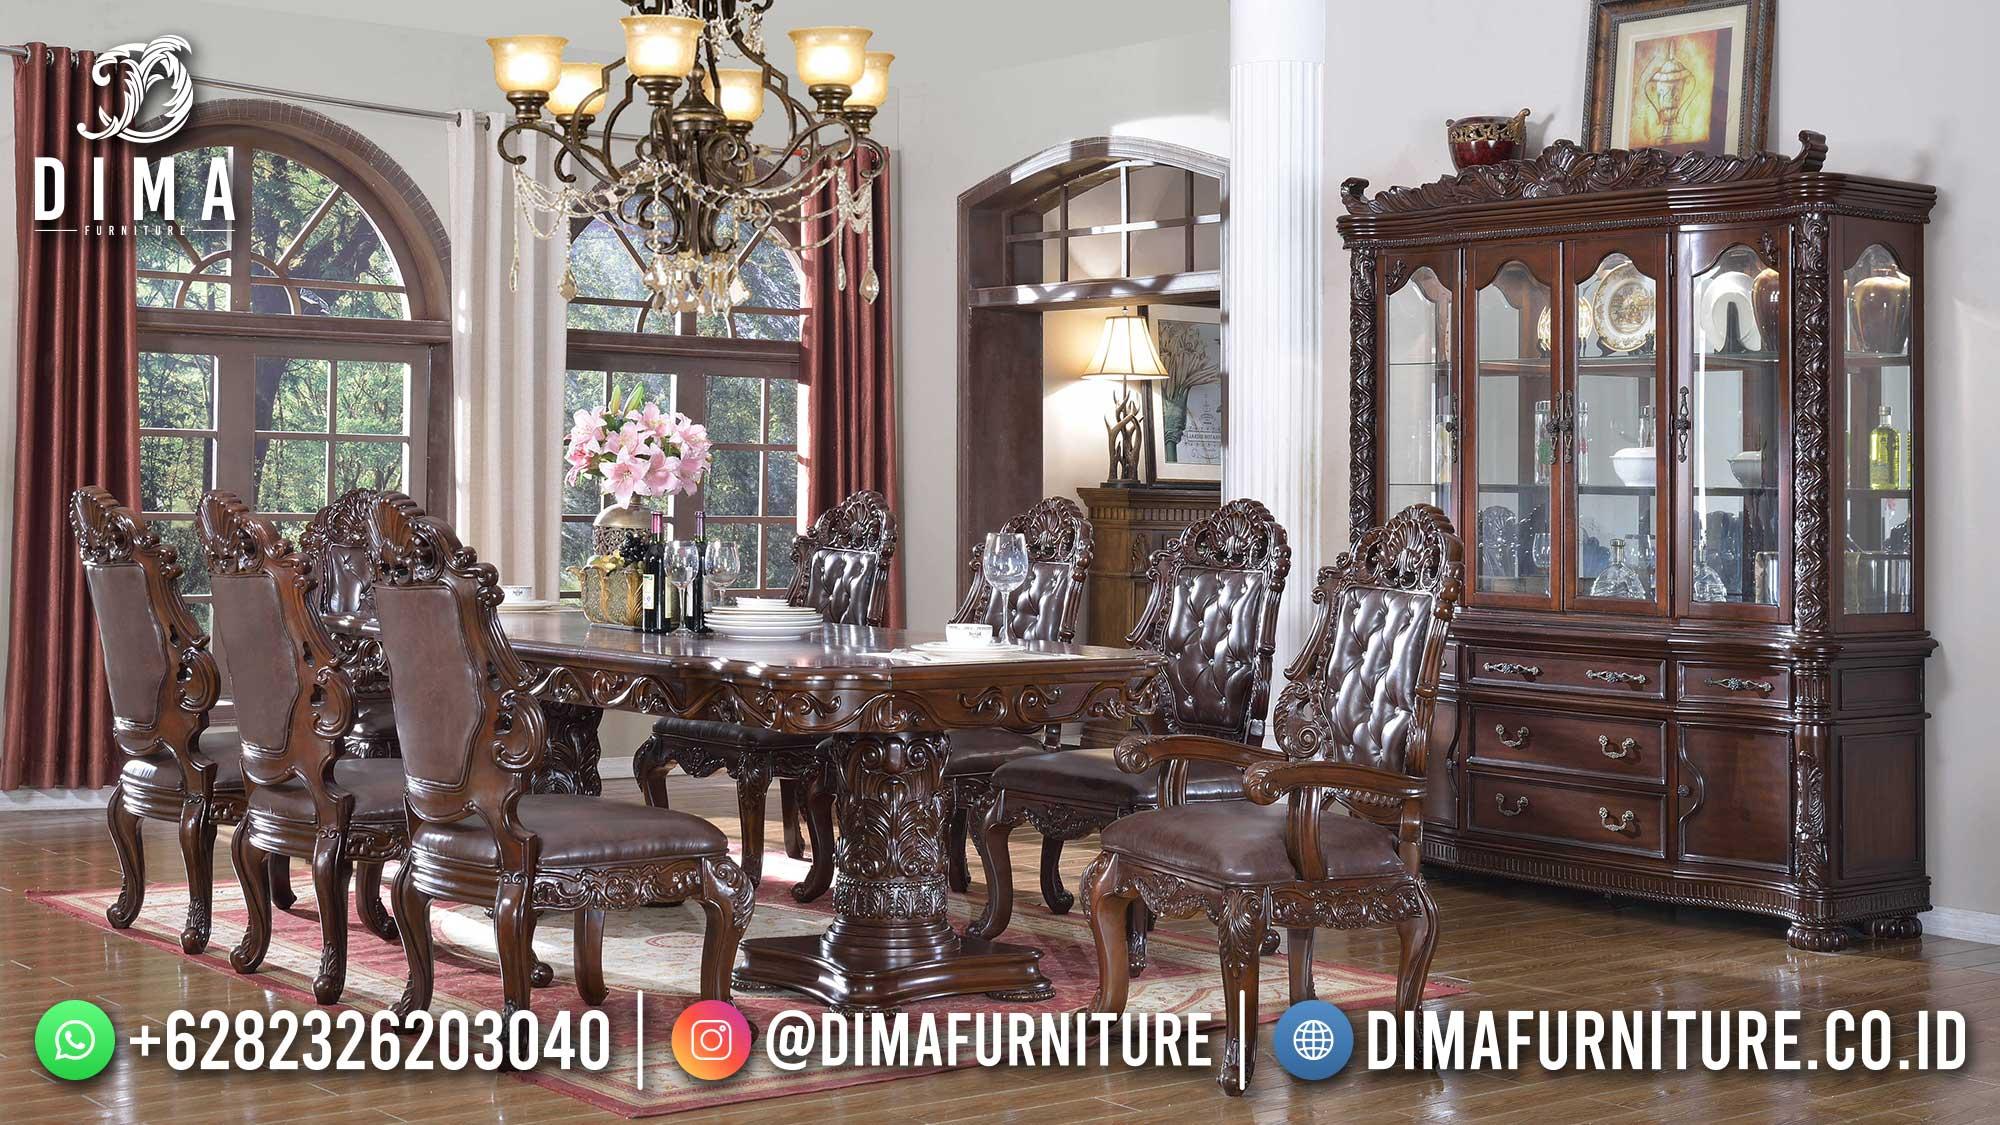 Model Meja Makan Mewah Jati Natural Classic Luxurious Carving Jepara ST-1468